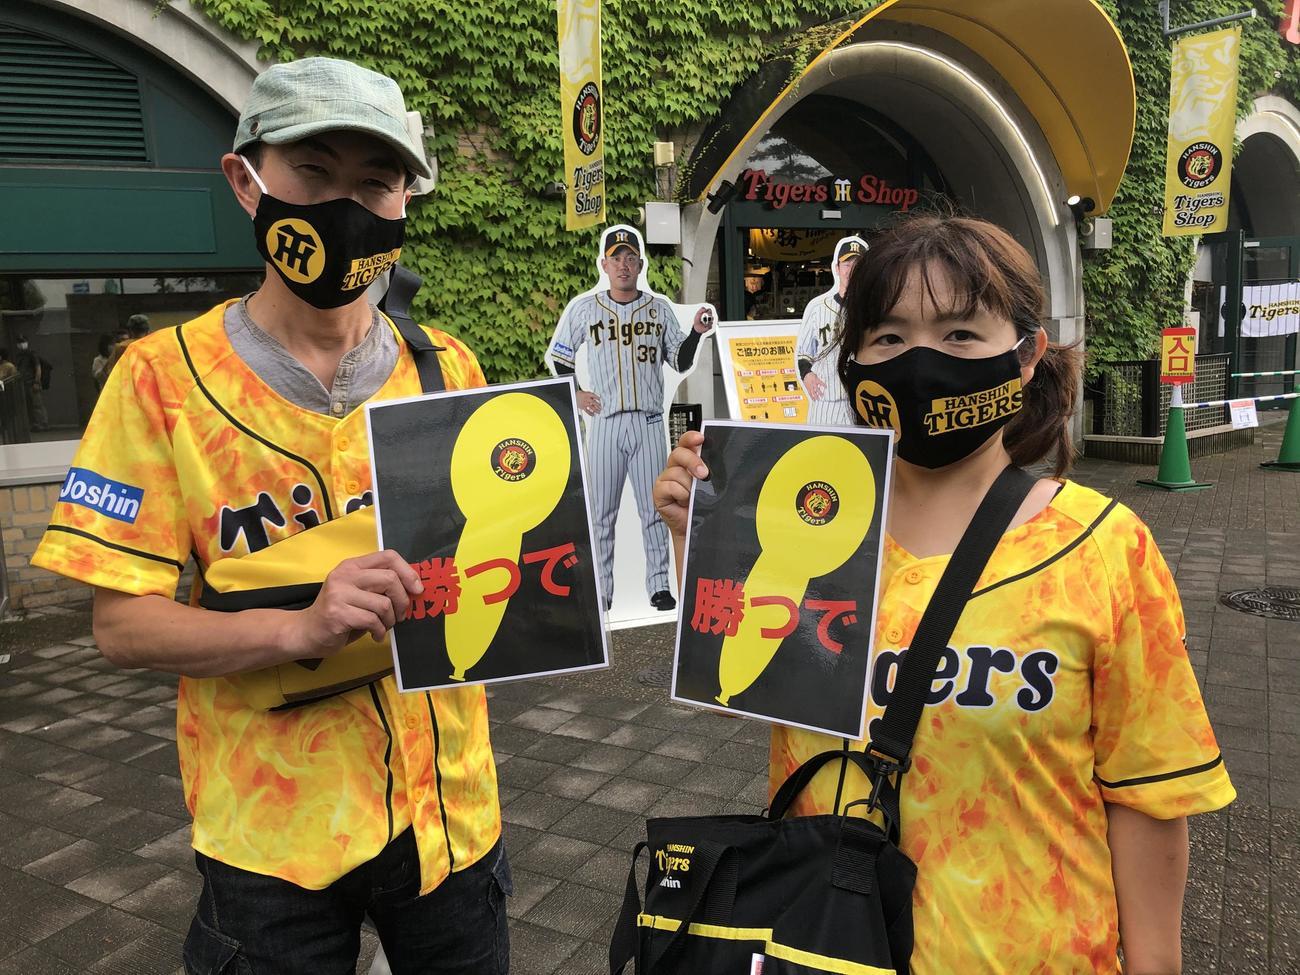 有観客試合初戦となった10日阪神-DeNA戦に訪れた曽我部始さん(左)と優子さんは、この日のために購入した阪神柄のマスクを着用し、ジェット風船の絵が描かれた手作りボードを持参した(撮影・磯綾乃)